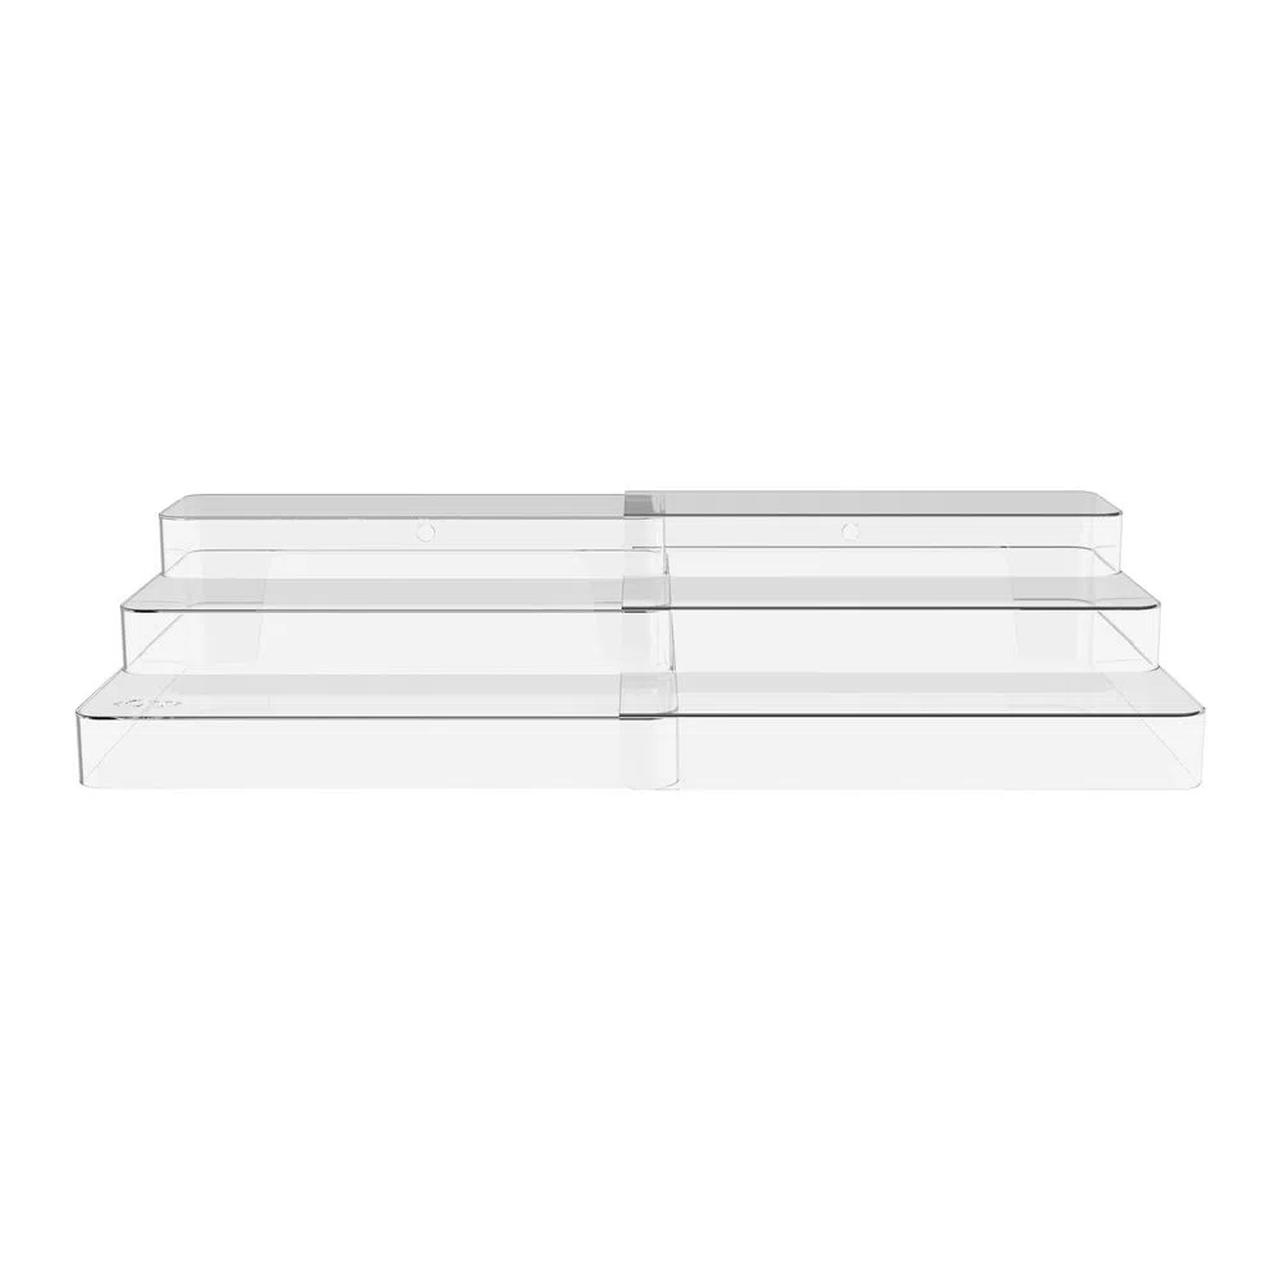 Organizador Multinível Extensível 25 x 29 à 54 x 10,3 CM  - CASACOBRE